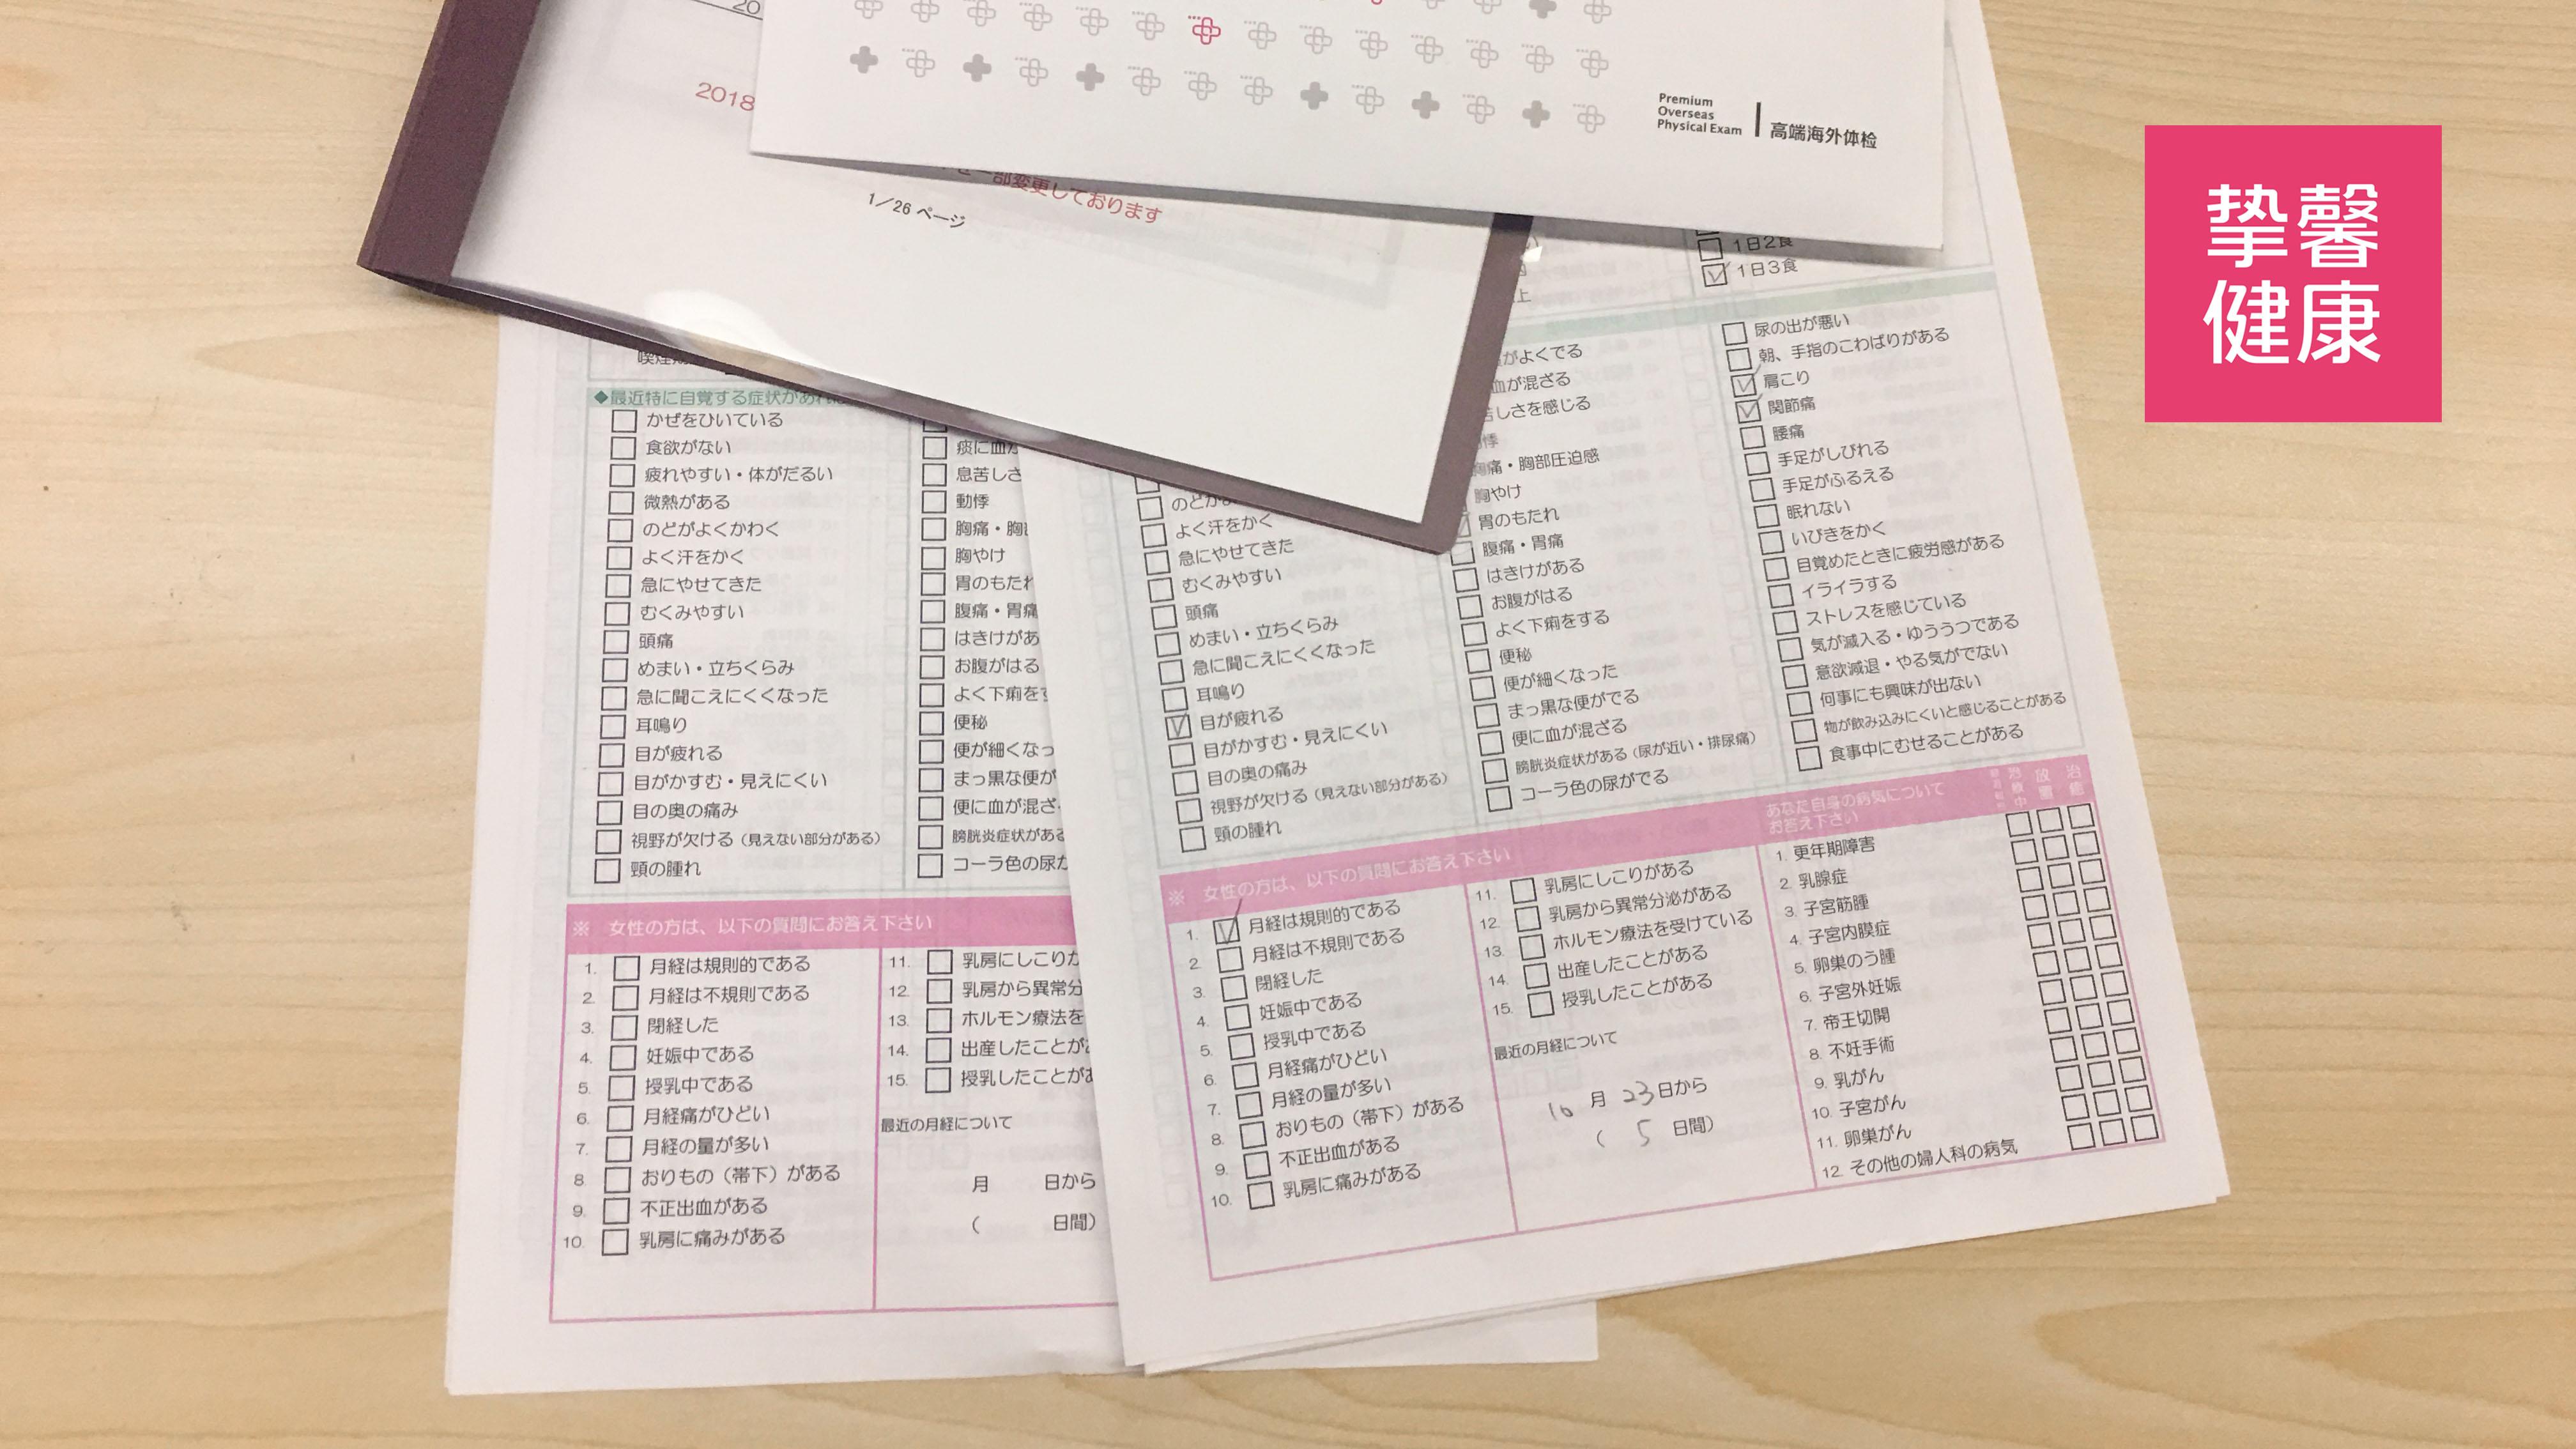 挚馨健康 XIN HEALTH 体检服务文件和问诊表